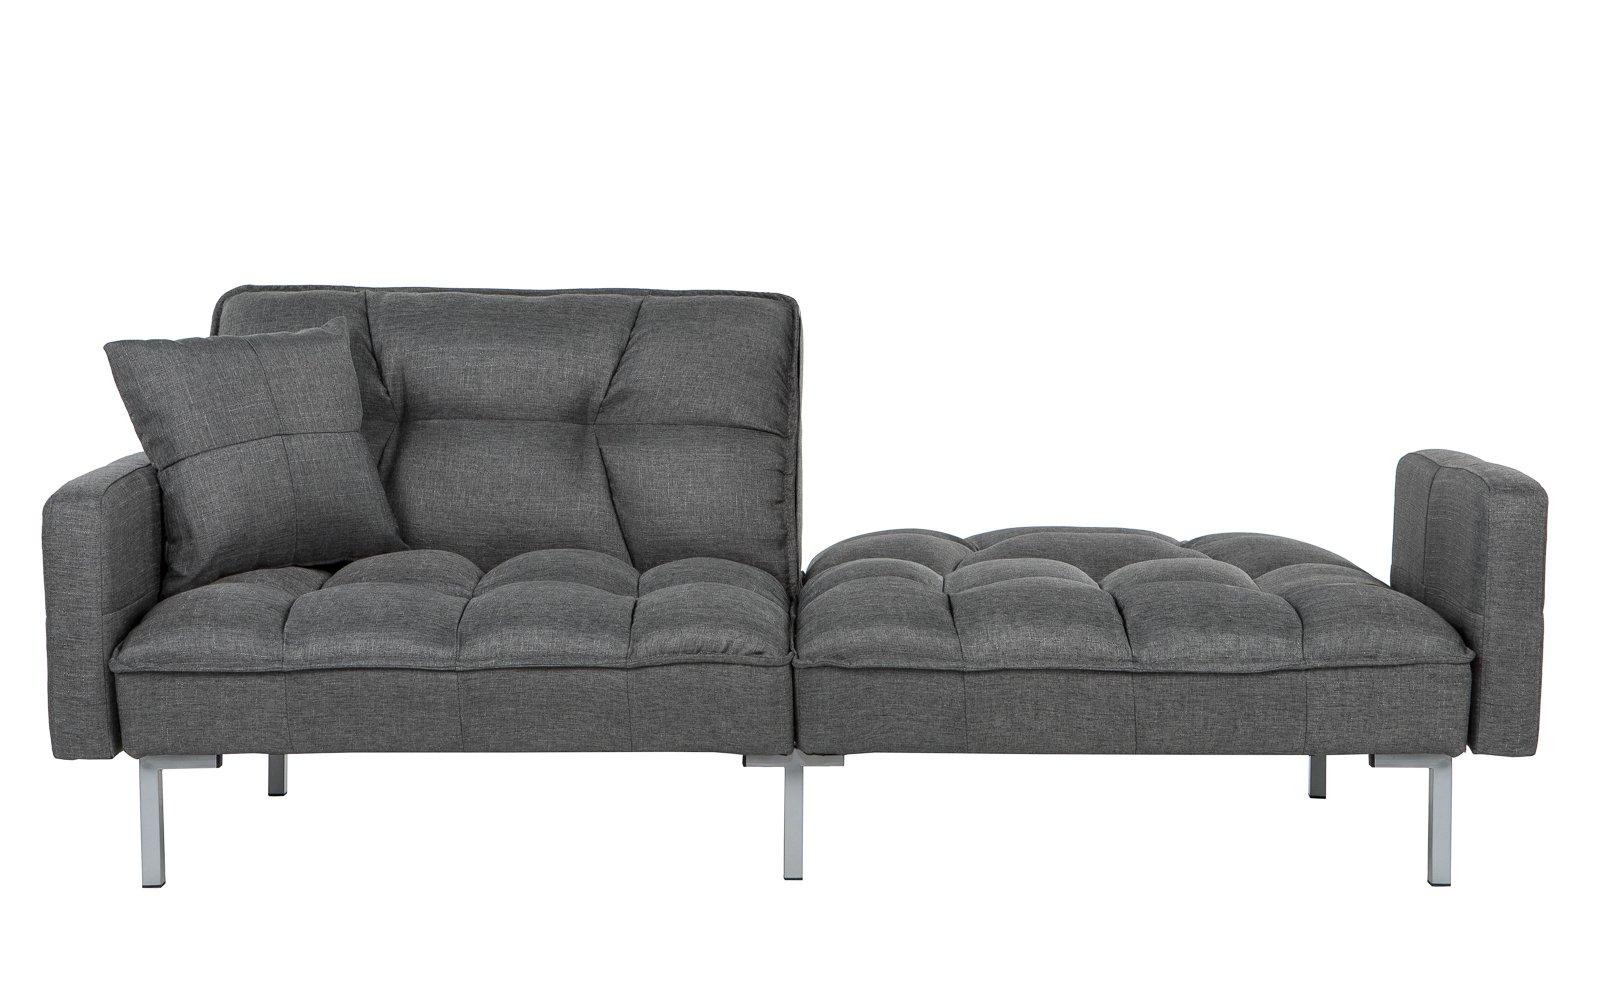 futon couch ... verne modern linen plush futon in dark grey one backrest CDQEUUG